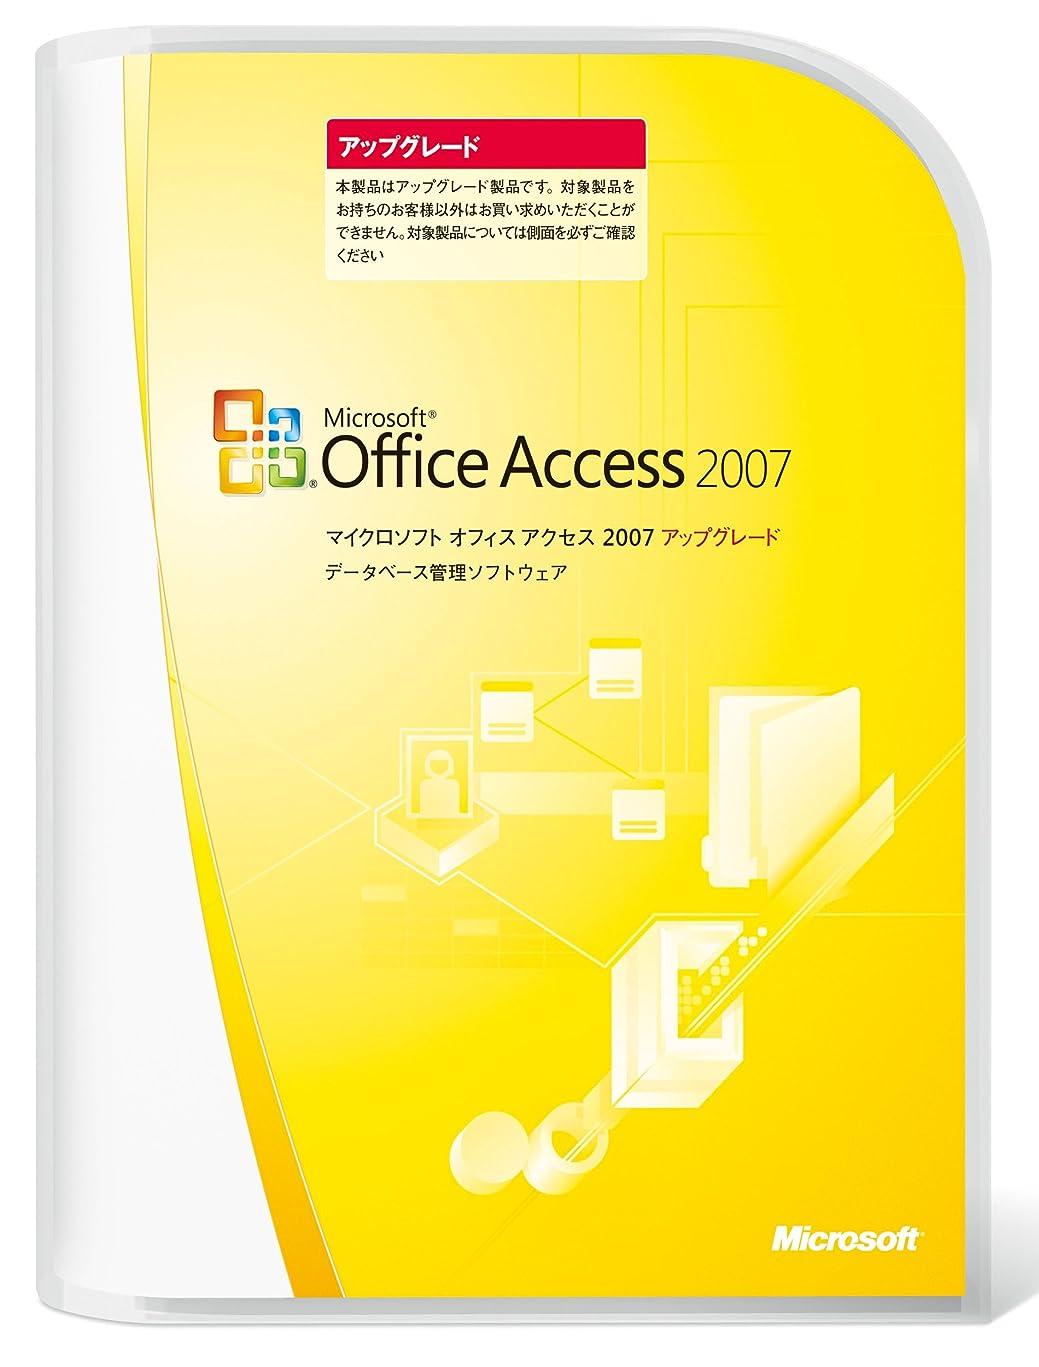 遠え司教式【旧商品/メーカー出荷終了/サポート終了】Microsoft  Office Access 2007 アップグレード